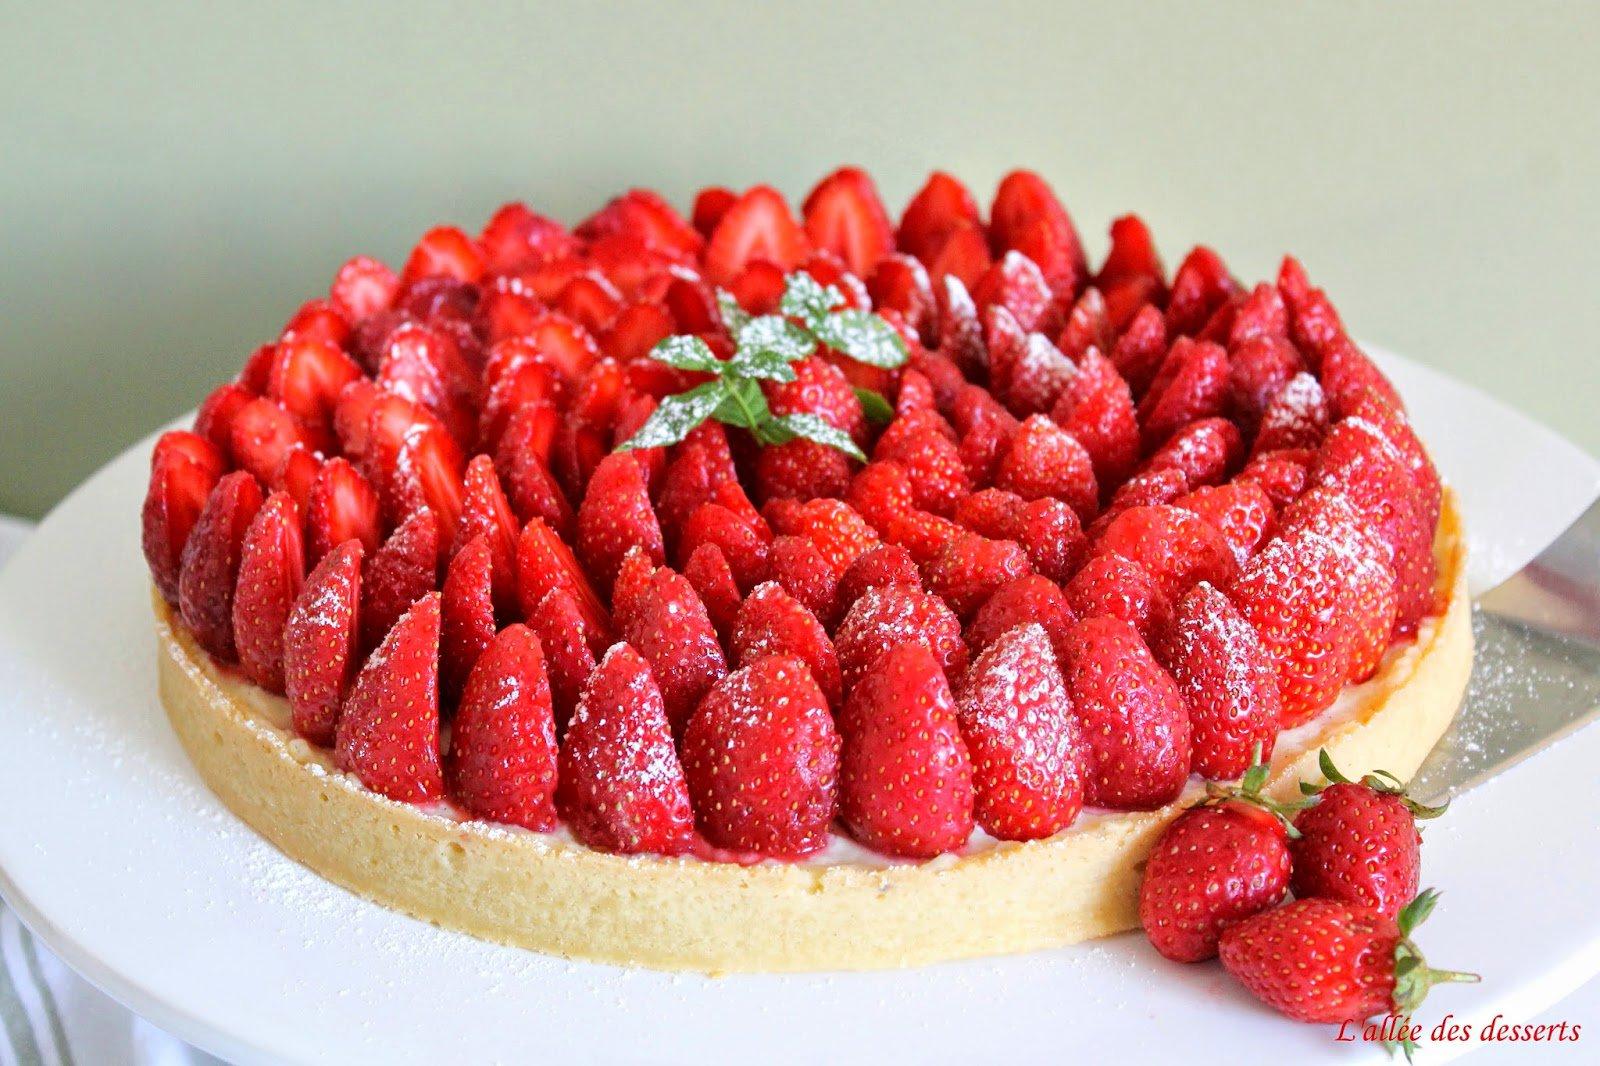 Tarte aux fraises rapide : je vous livre mes secrets de cuisinière